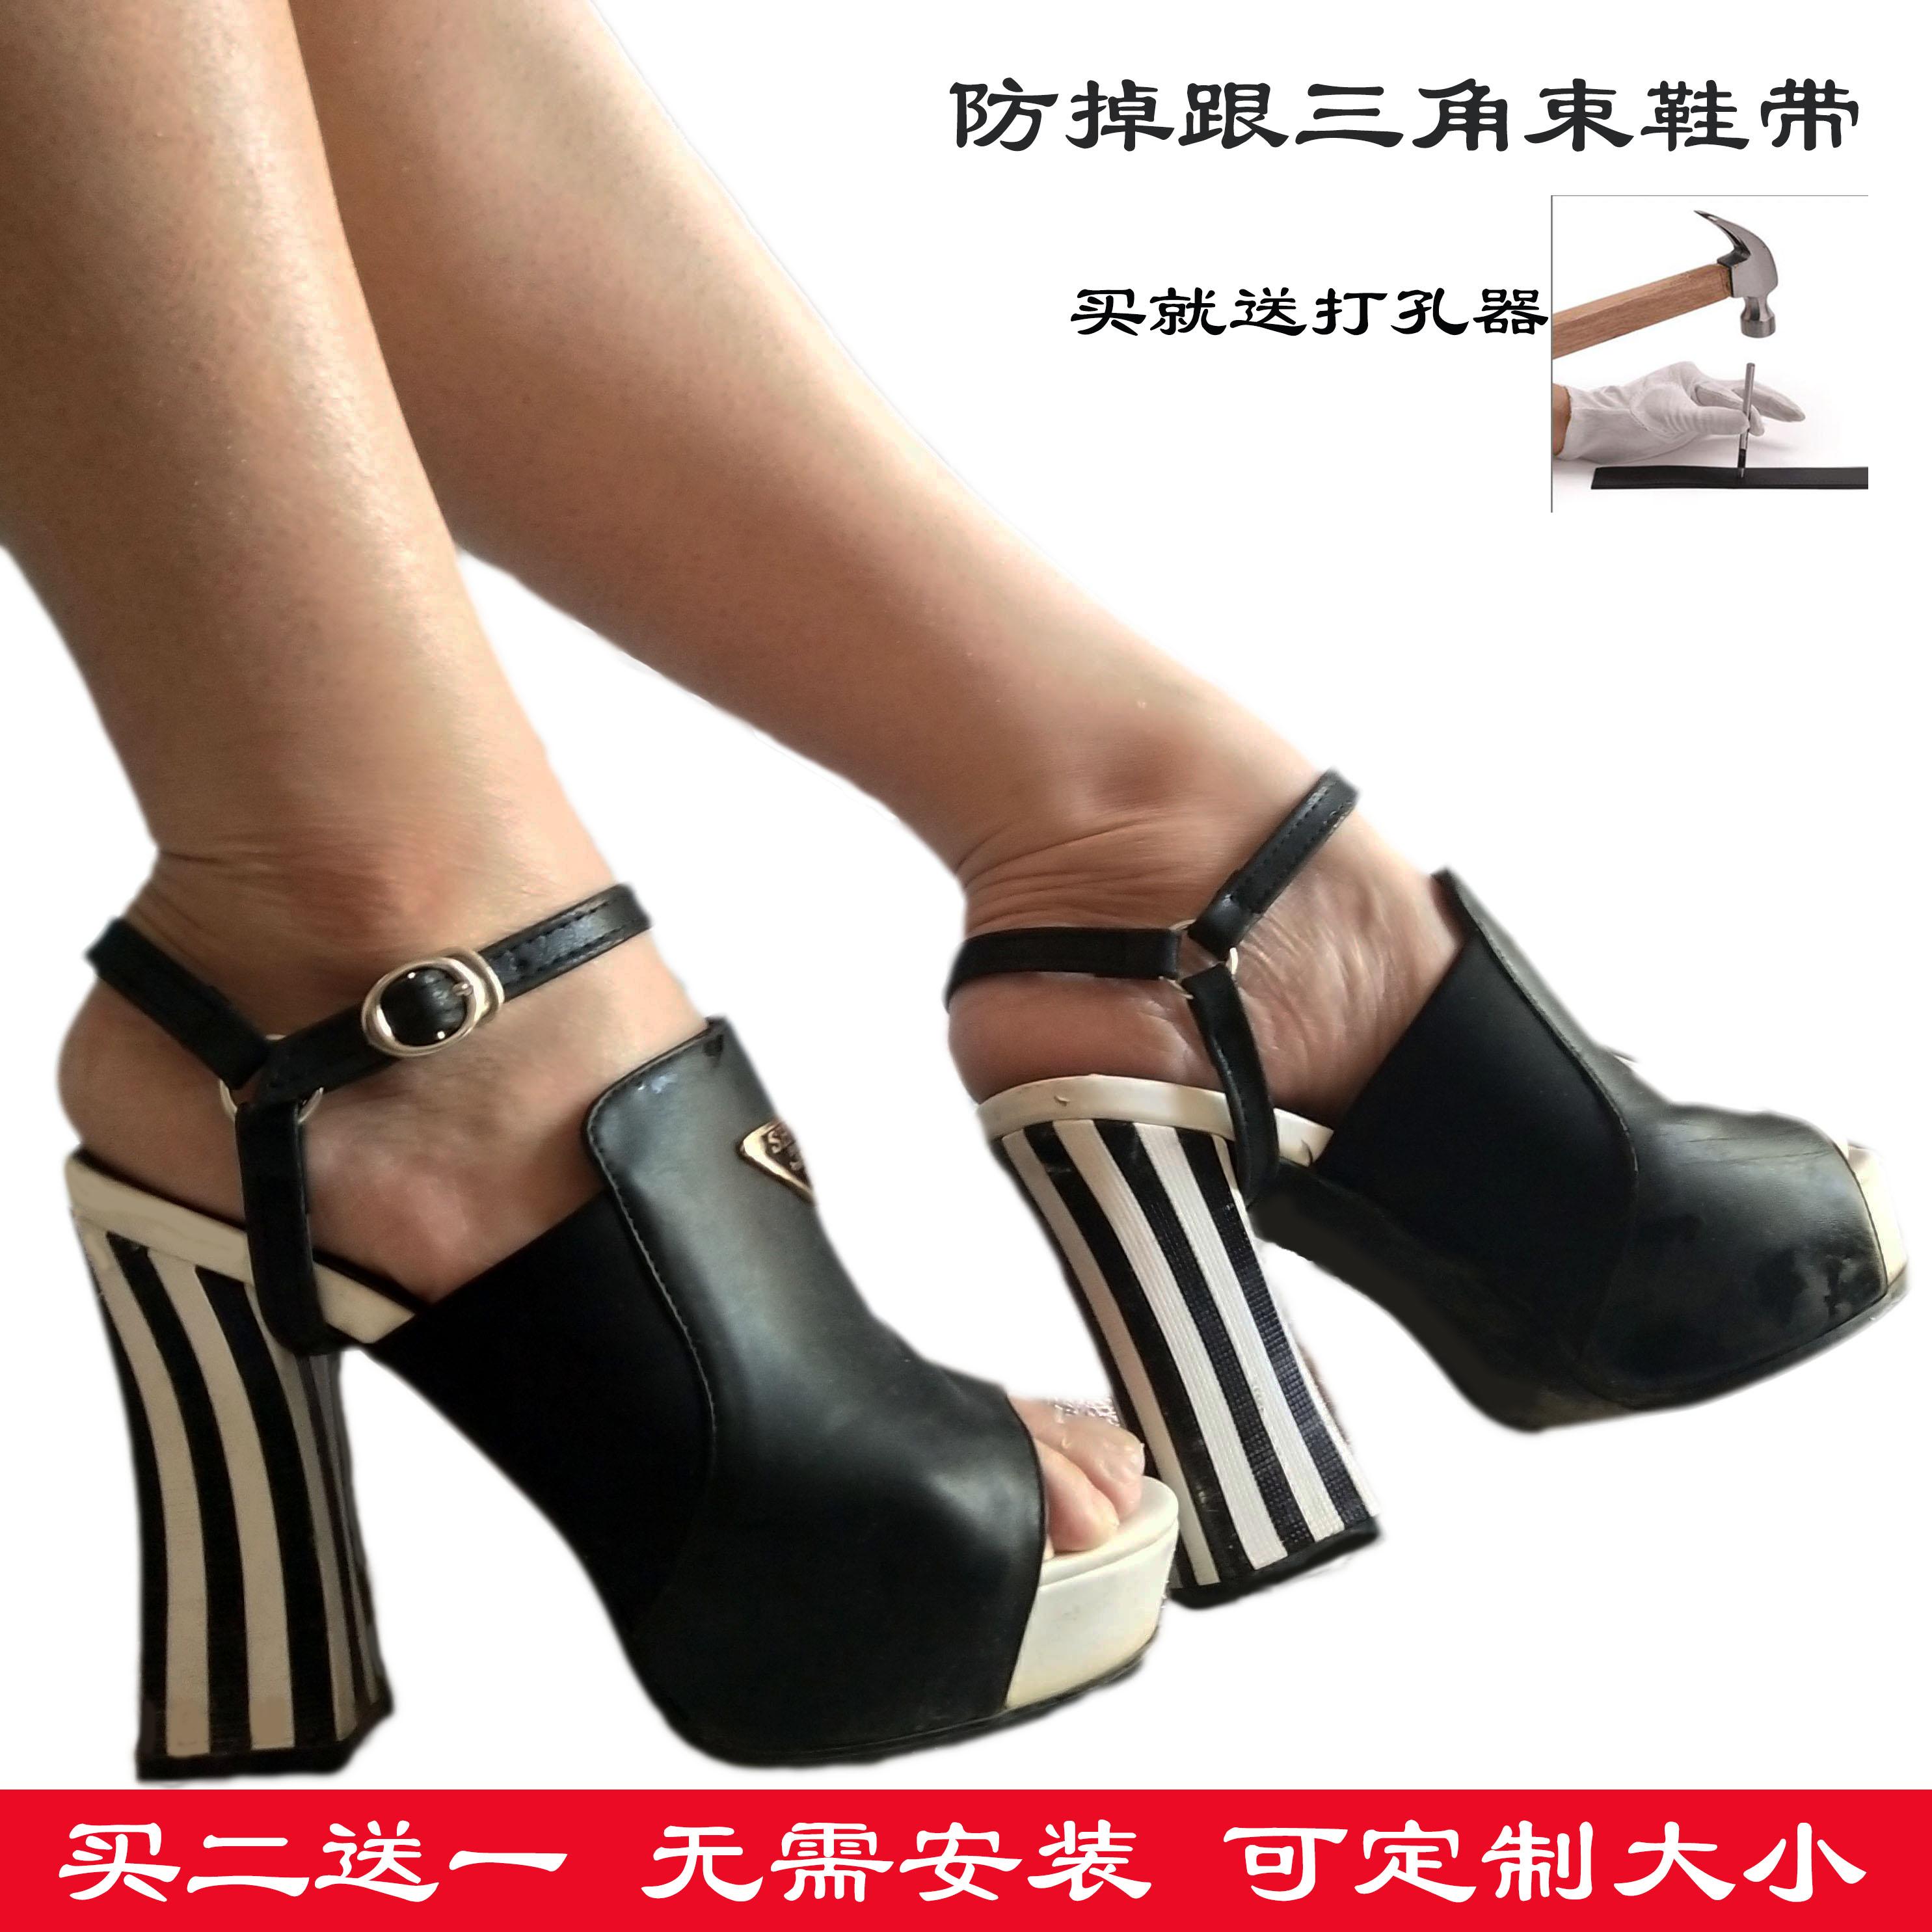 免安装三角防掉带高跟鞋不跟脚束鞋带凉鞋女带扣钻百搭装饰鞋配件